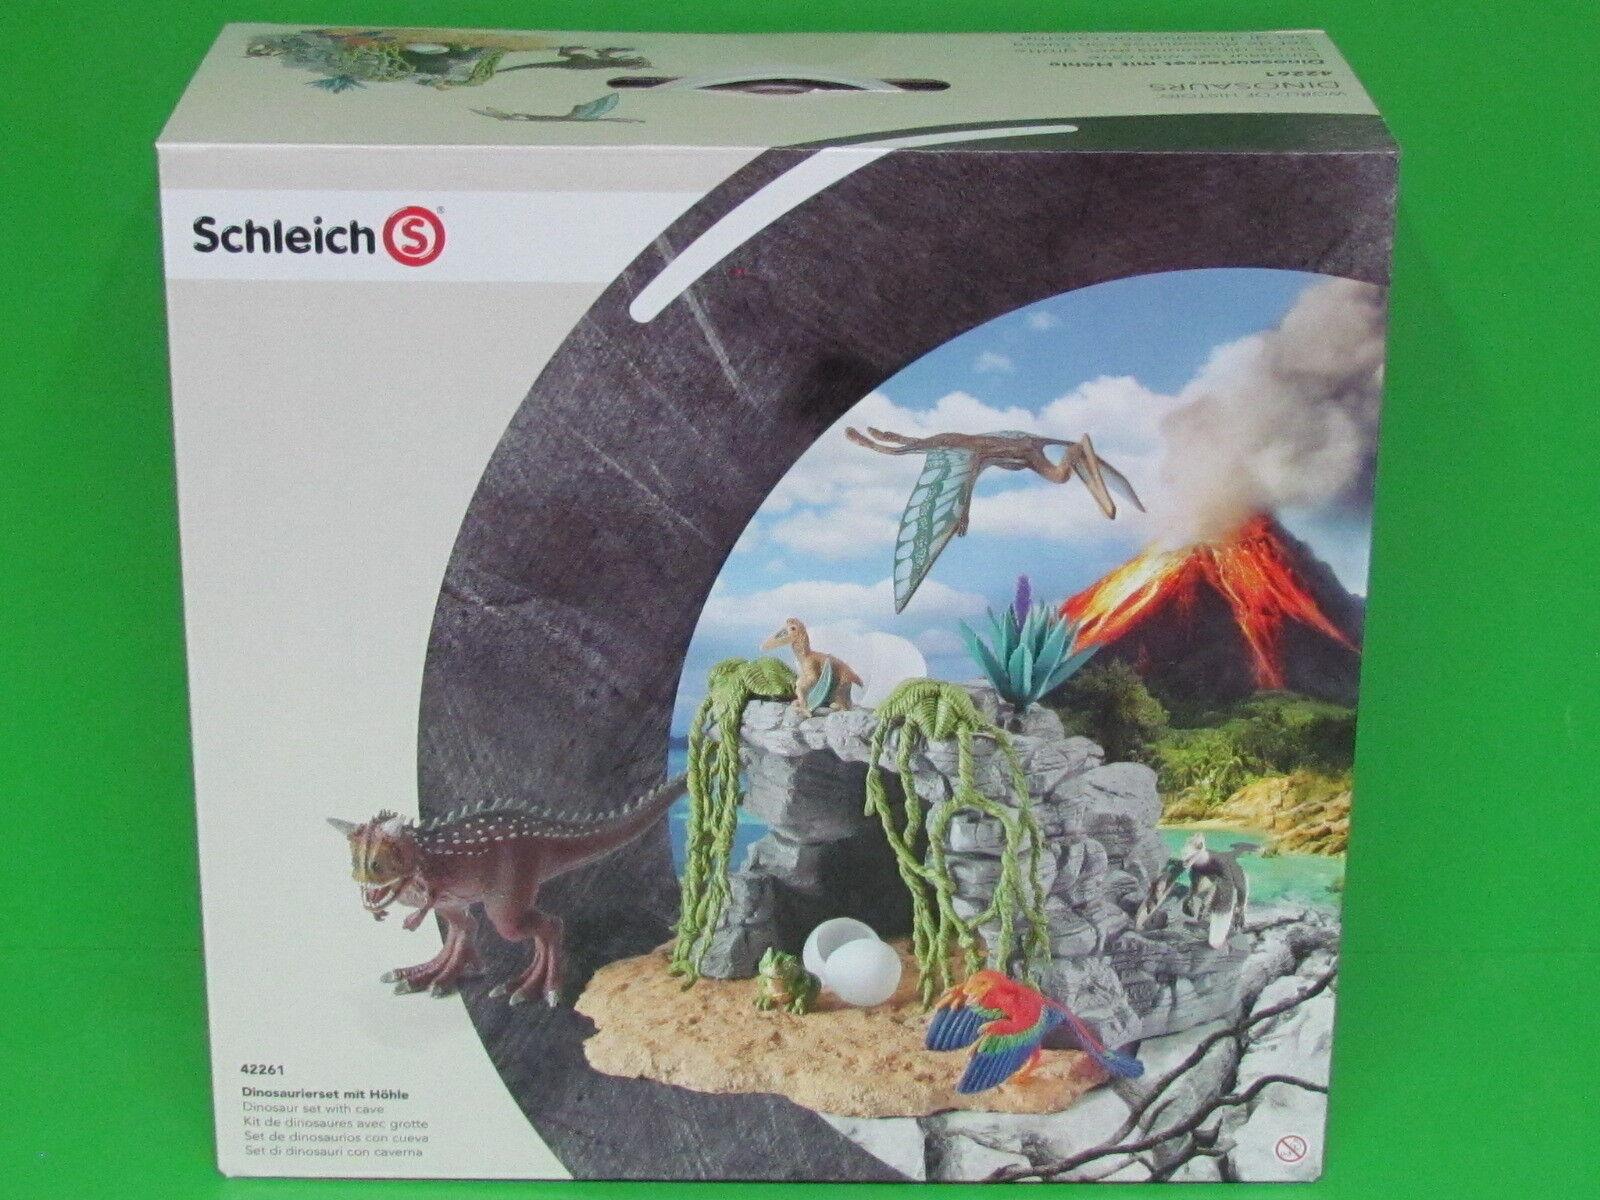 Schleich® Dinosaurier 42261 Dinosaurierset mit Höhle Blitzversand per DHL-Paket